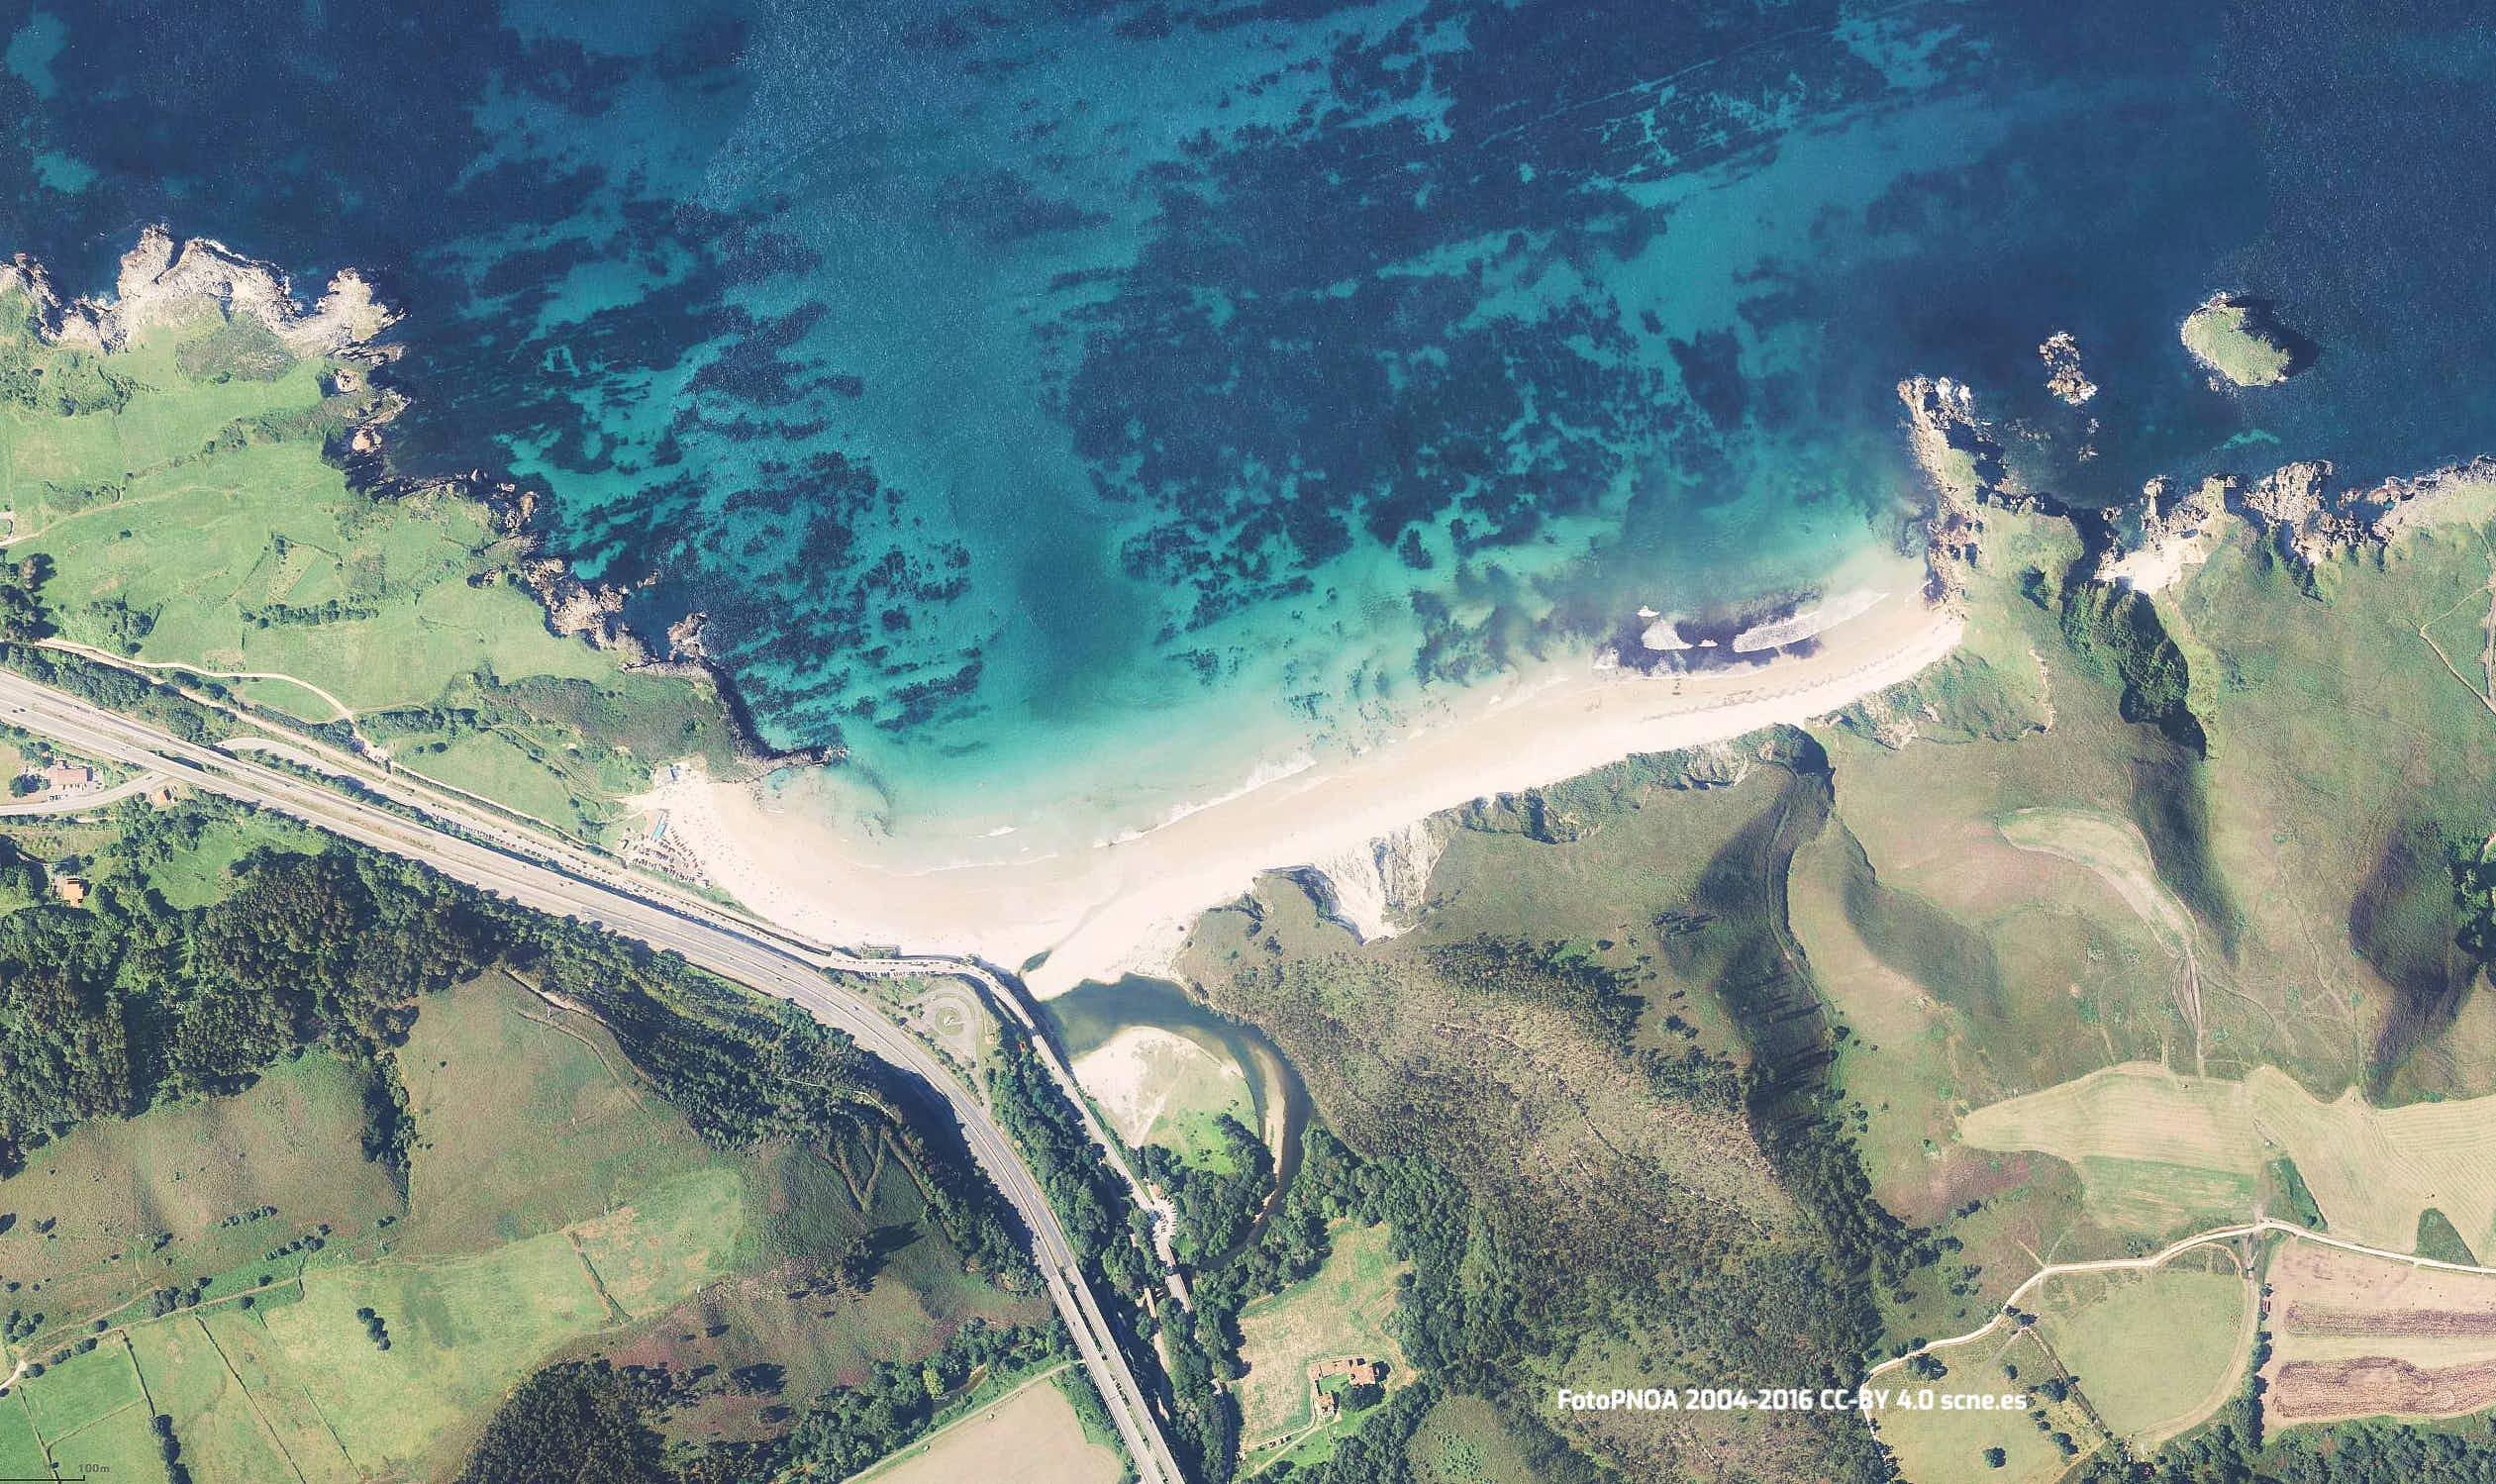 Vista aerea de la playa de San Antolin en Llanes, Asturias